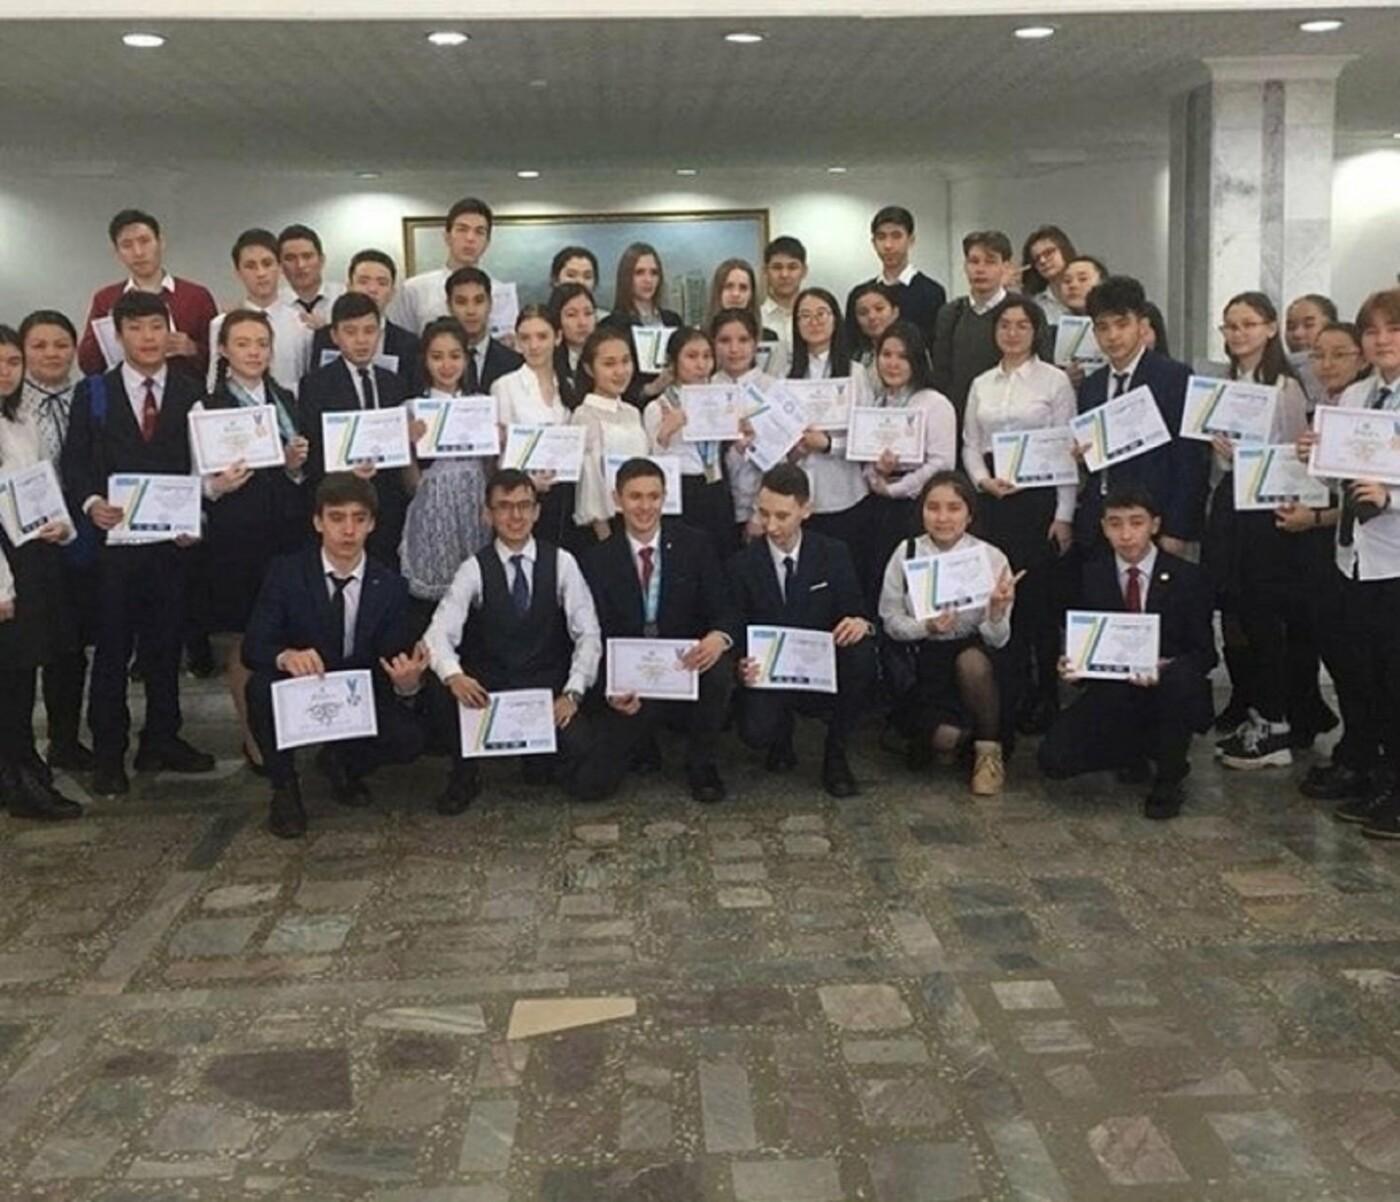 11 медалей привезли школьники Караганды с республиканского конкурса научных проектов, фото-2, @karaganda-region.gov.kz